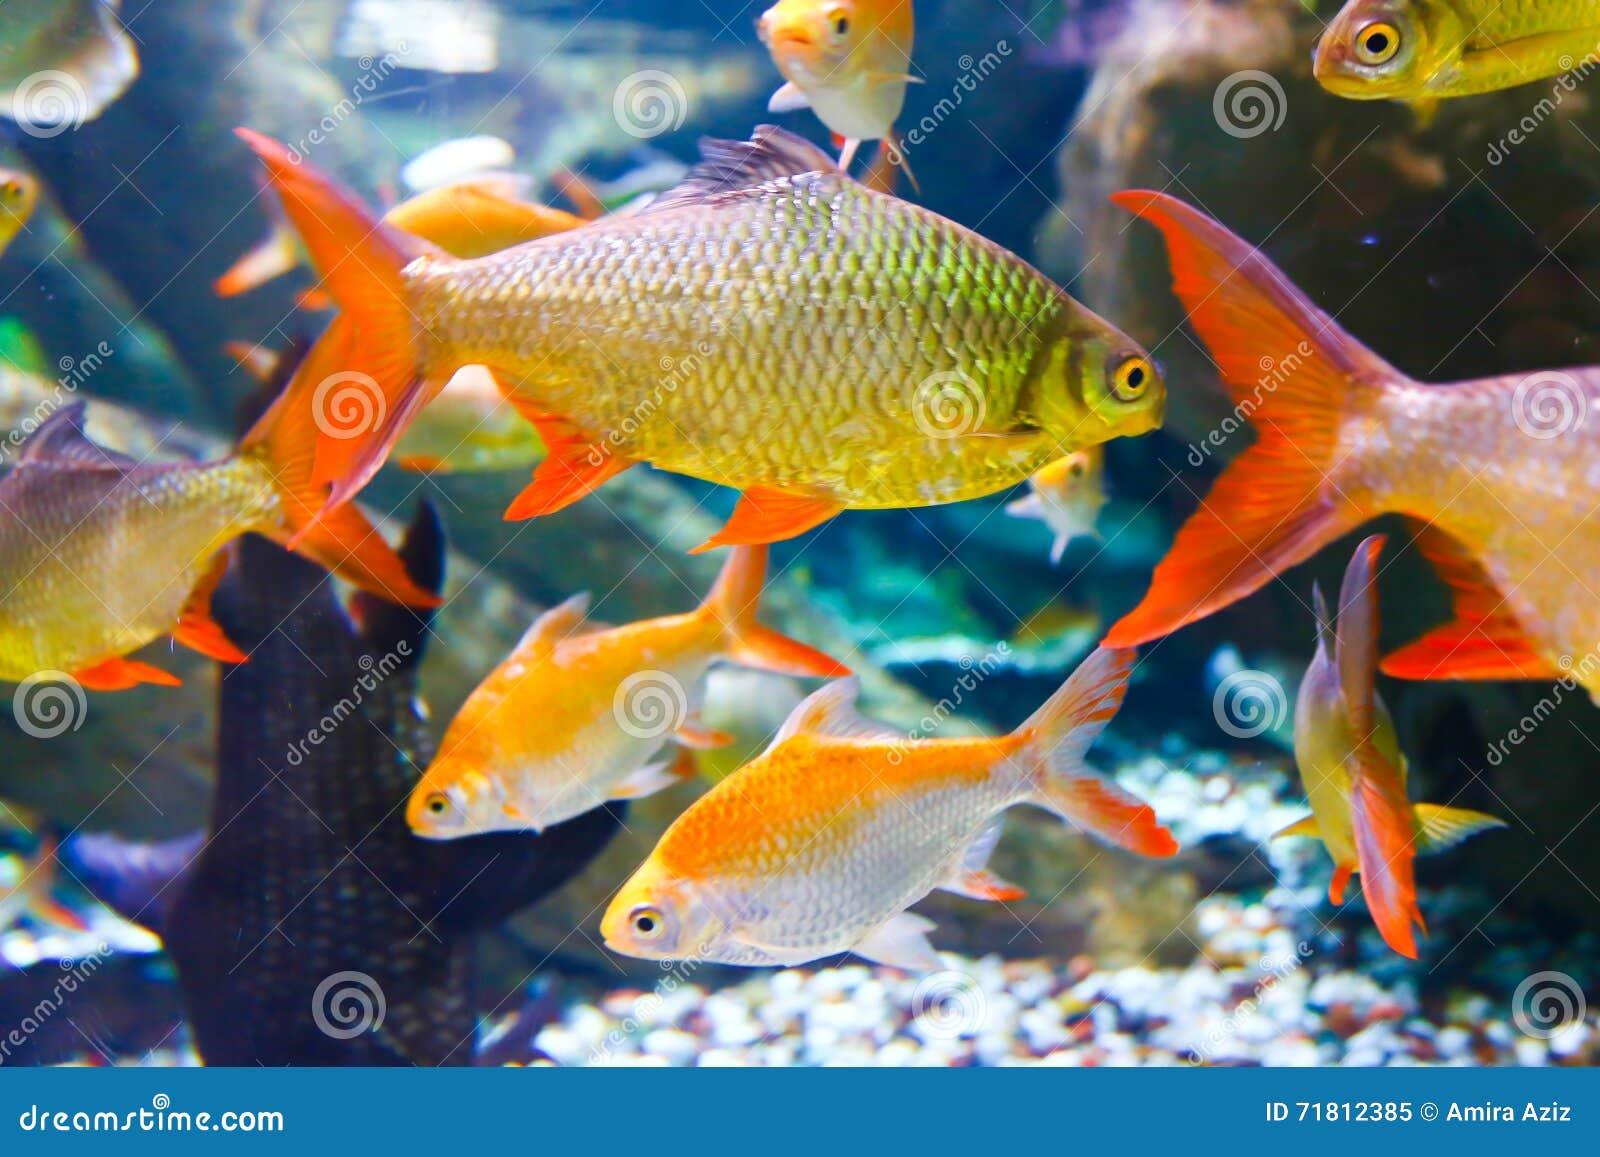 Freshwater aquarium fish in dubai - Dubai Aquarium